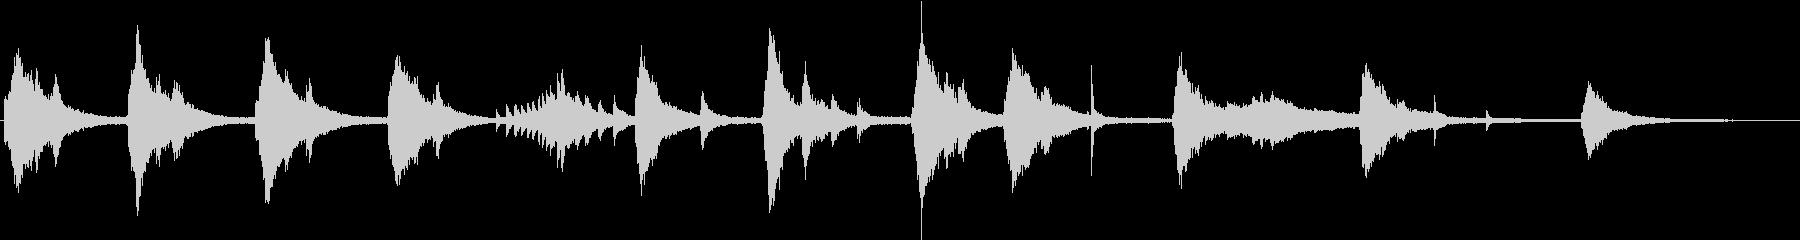 不気味な和音のピアノの未再生の波形